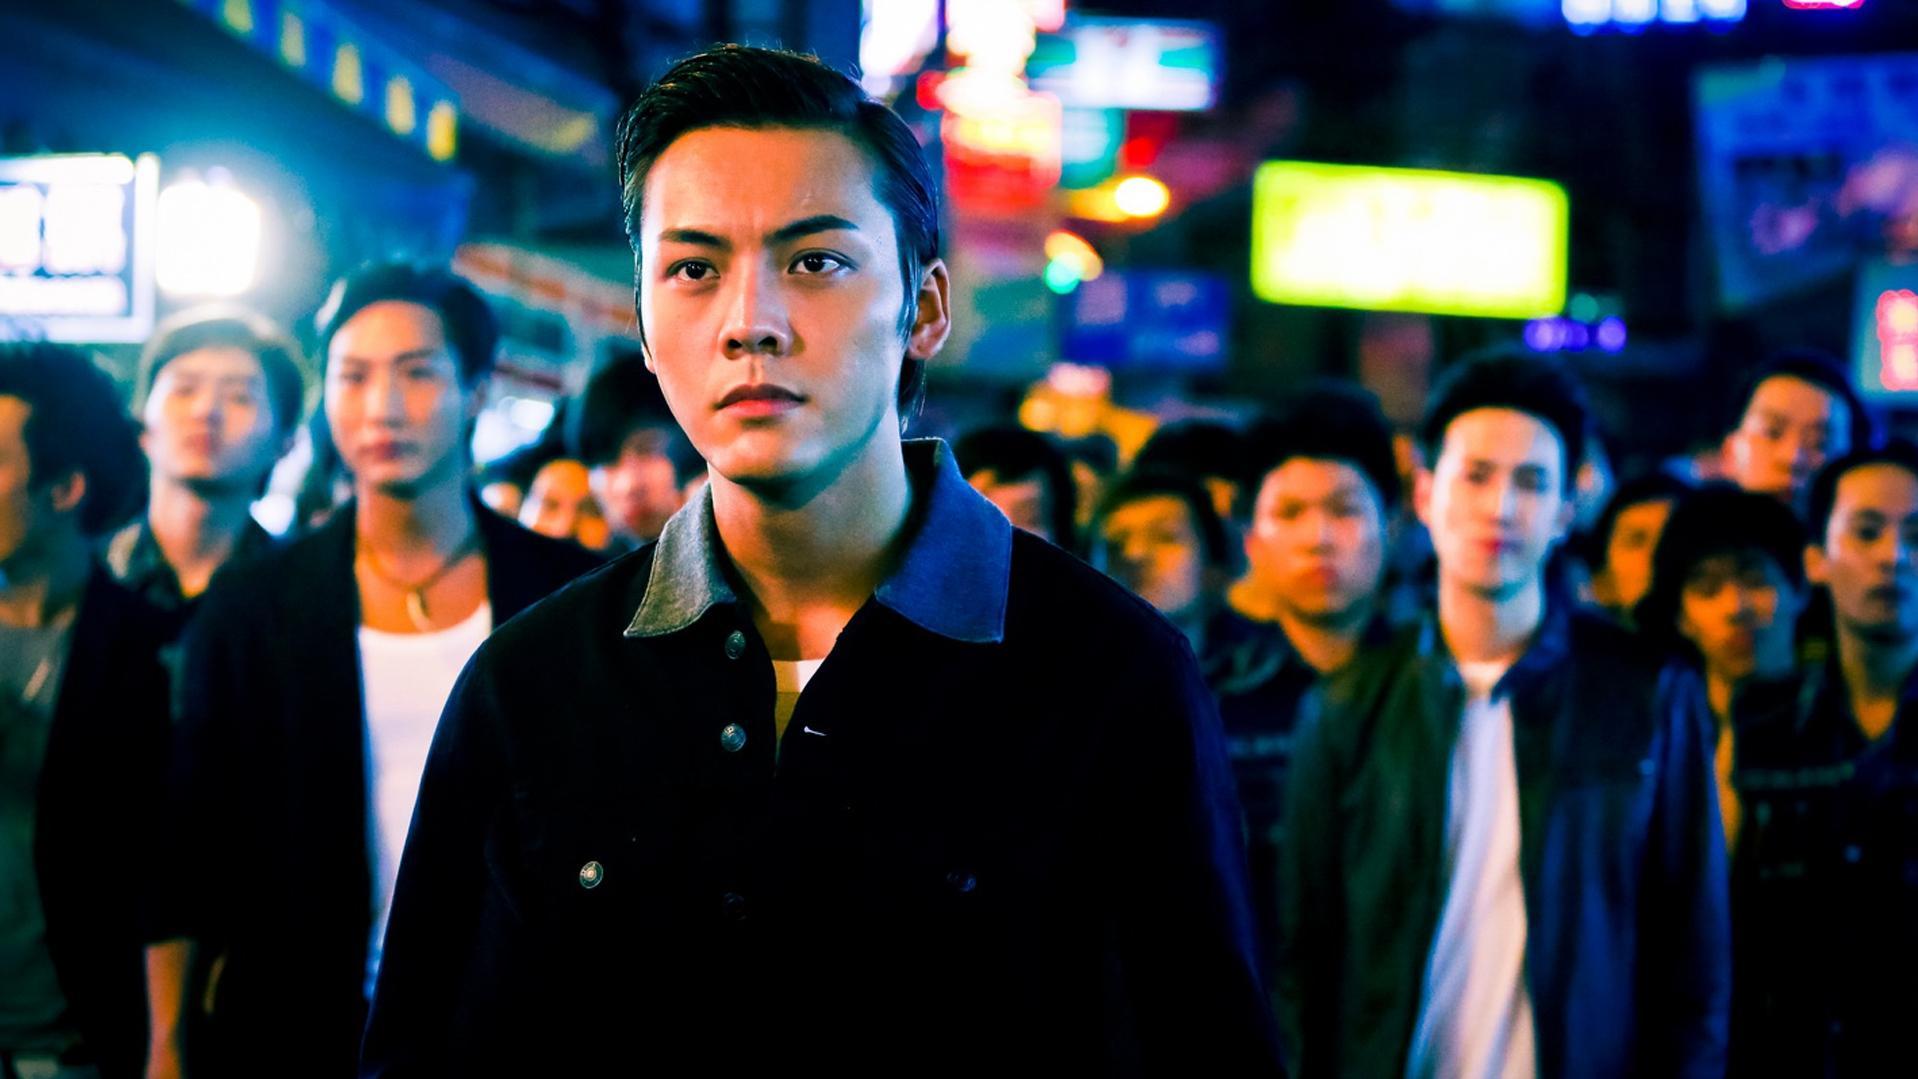 """香港三合会大不同:和字头堂口多,14K明星多,潮州帮""""捞家""""多"""